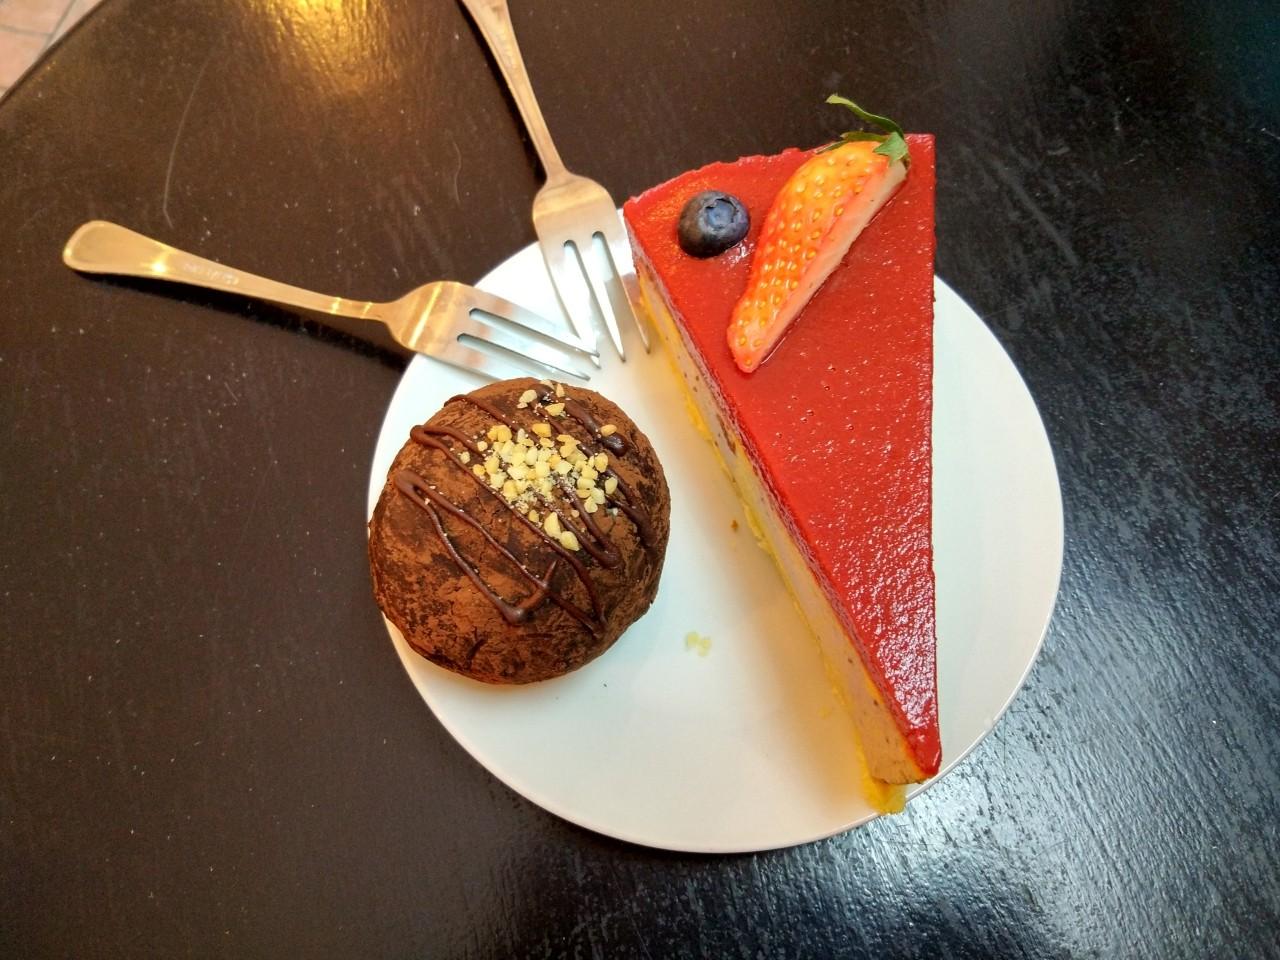 weganski deser w warszawie - lokal dela krem